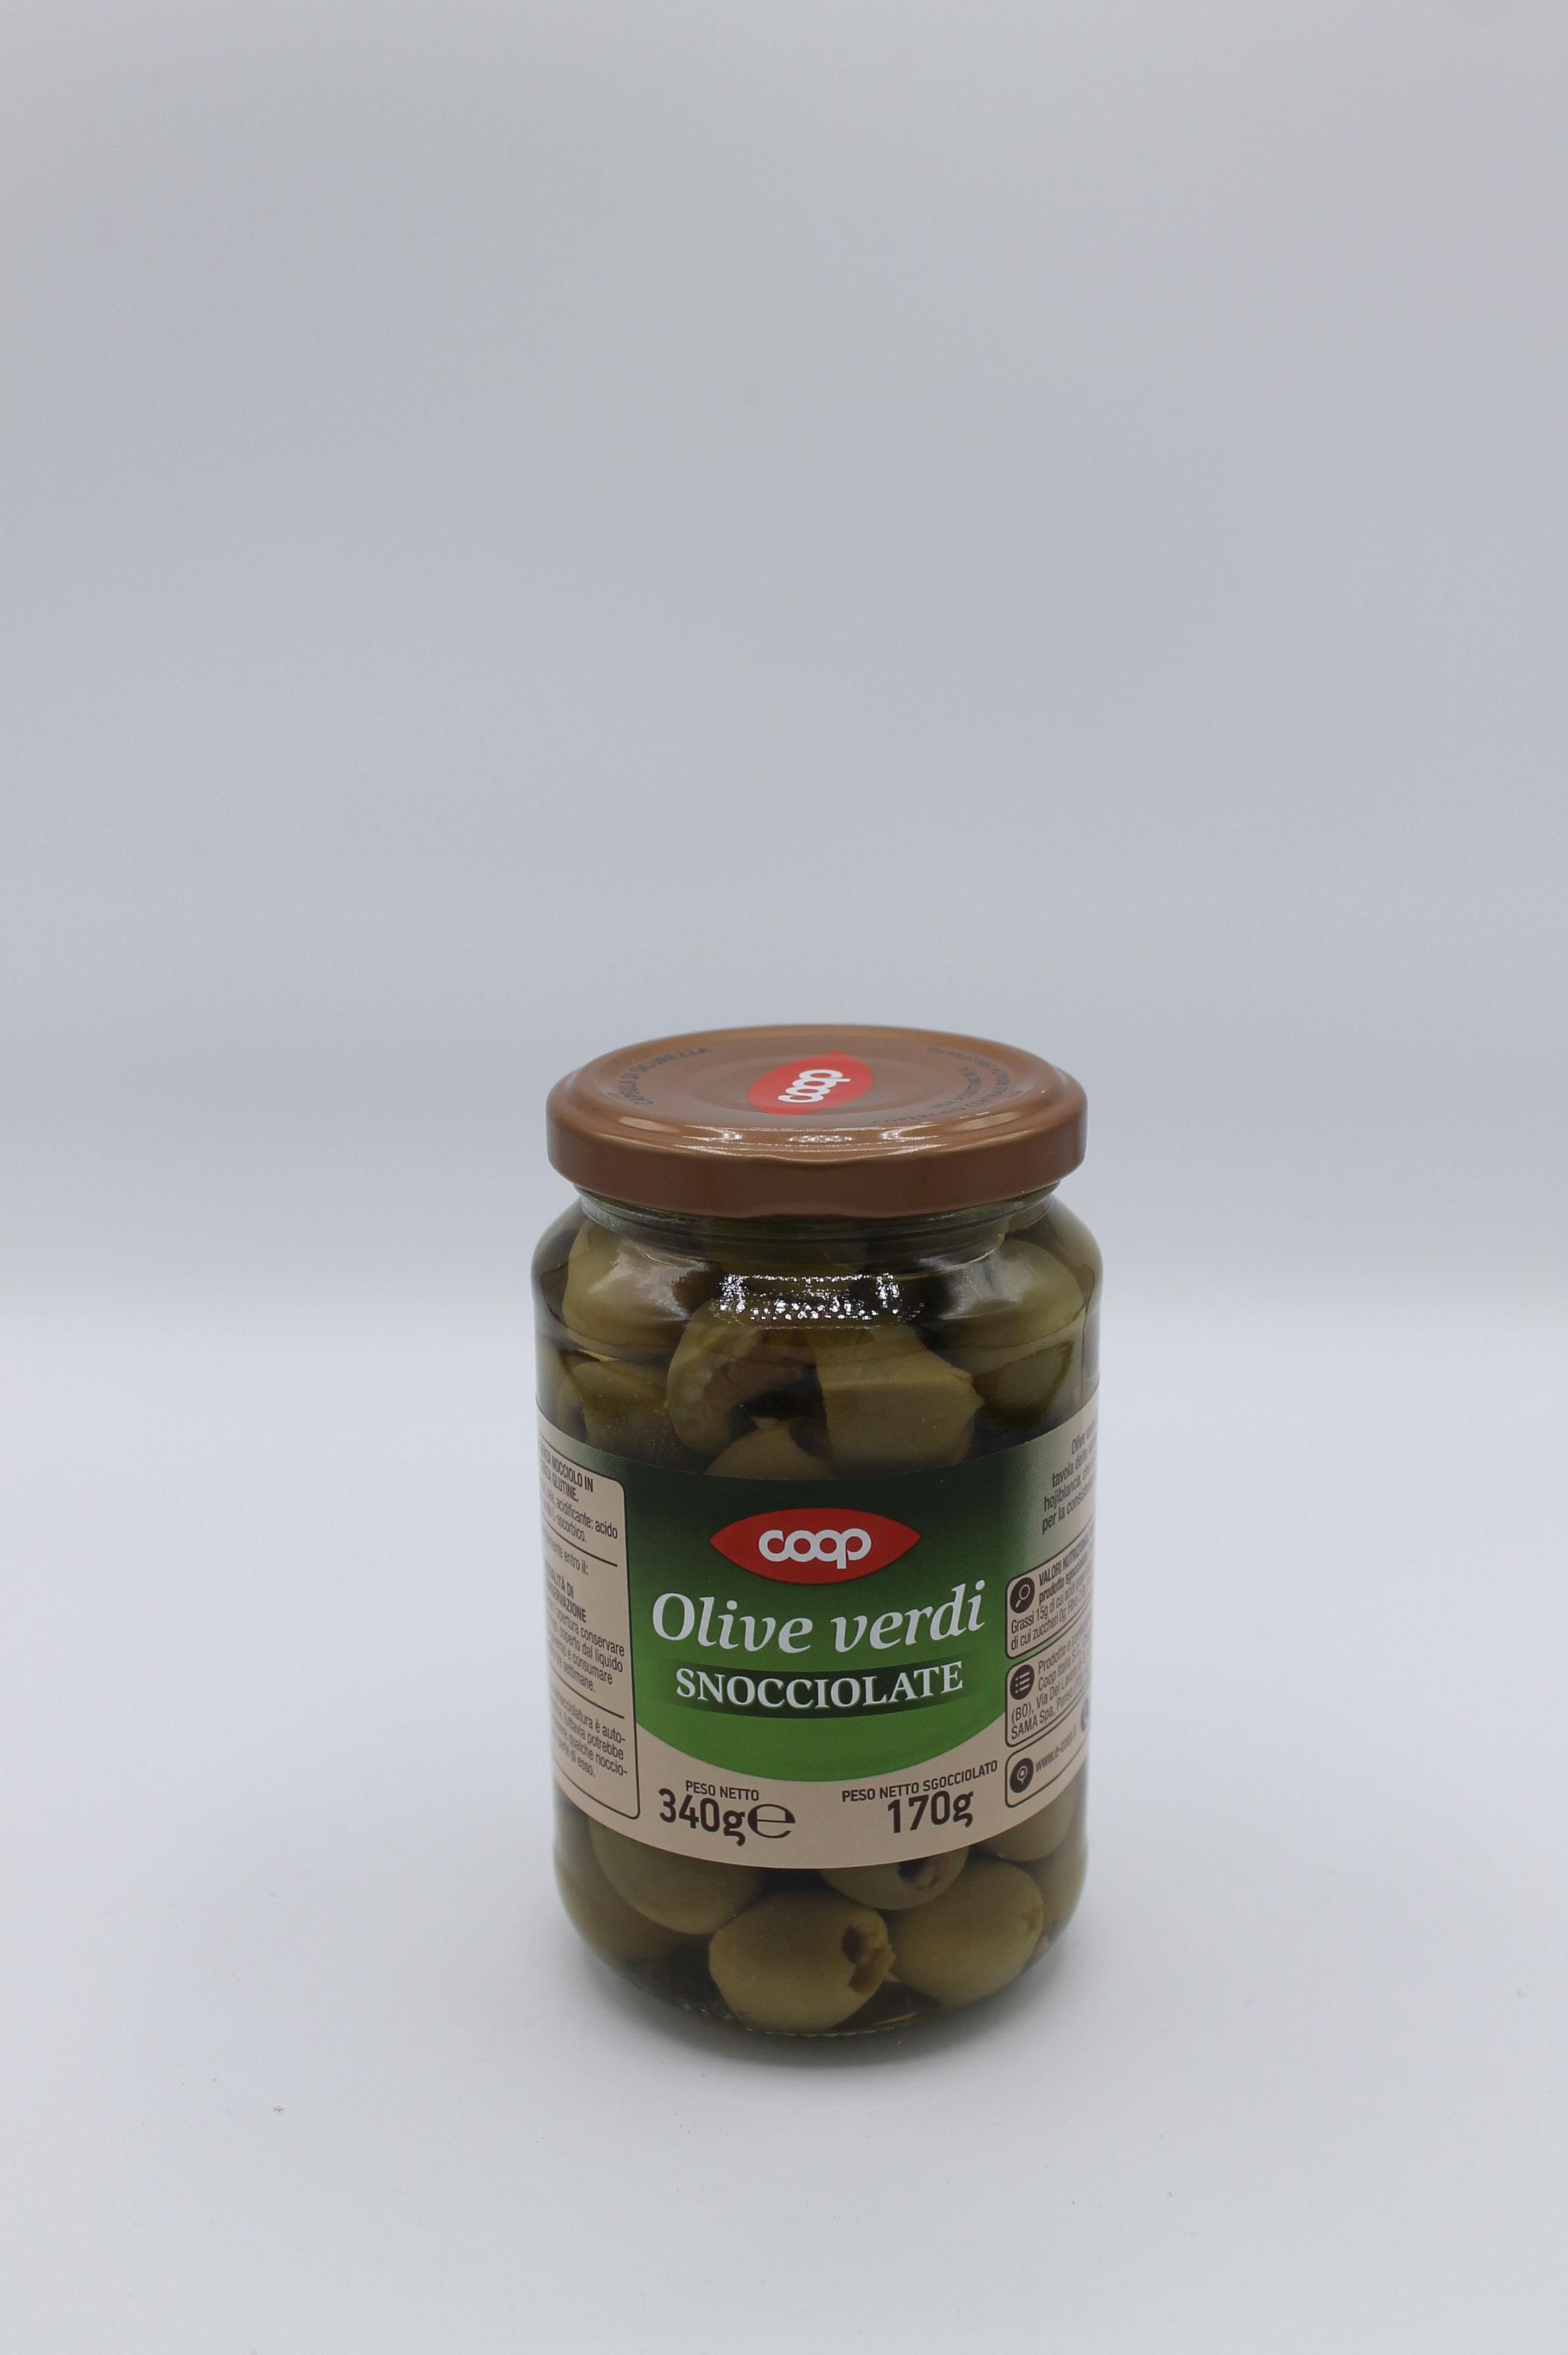 Coop olive verdi denocciolate 170 gr.